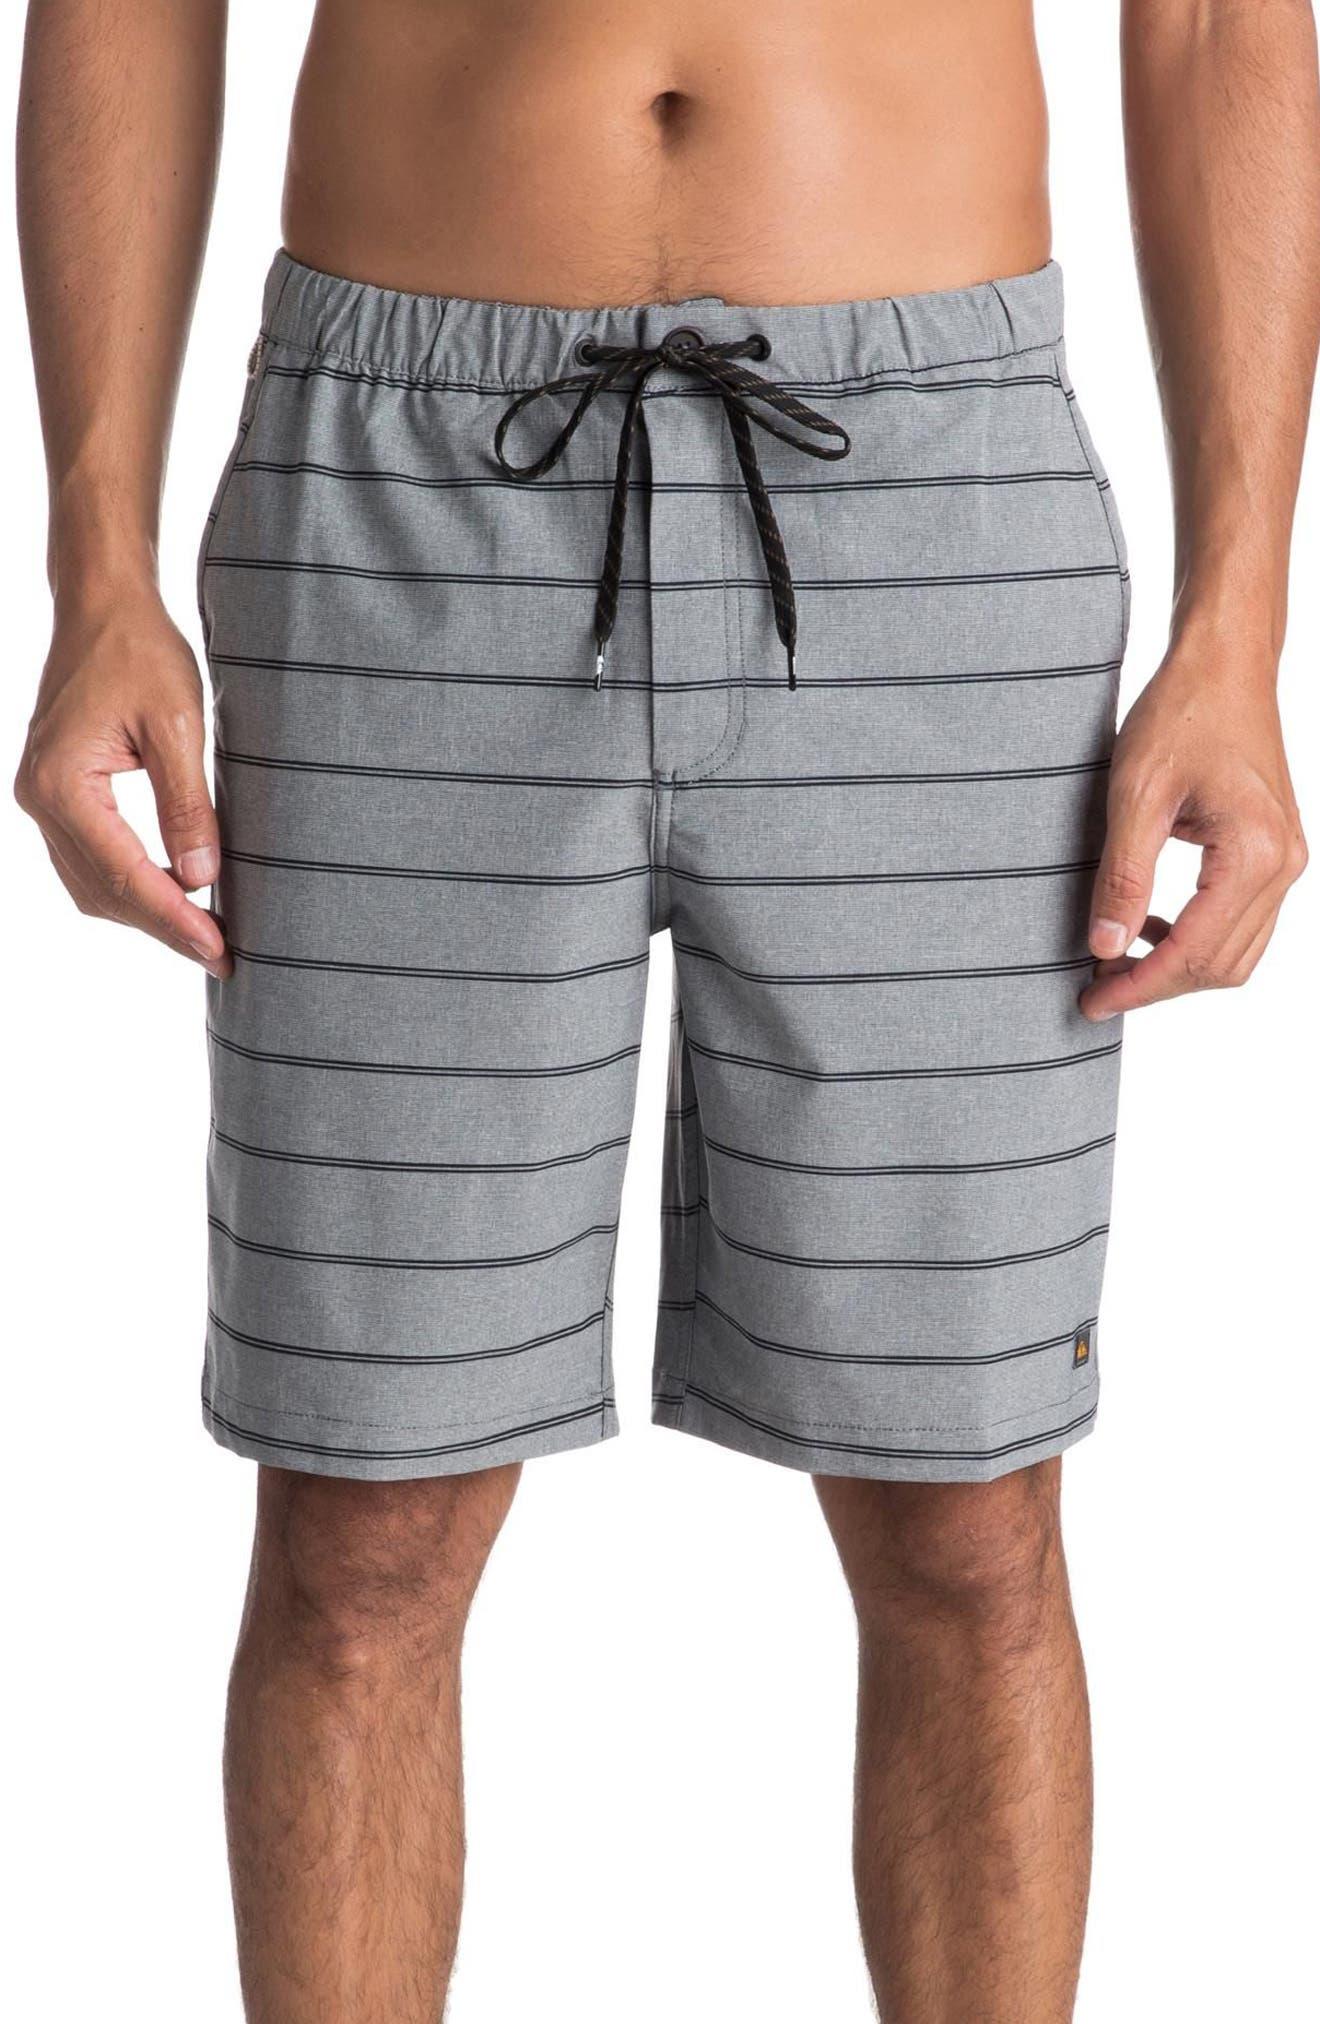 Suva Amphibian Shorts,                             Main thumbnail 1, color,                             Black